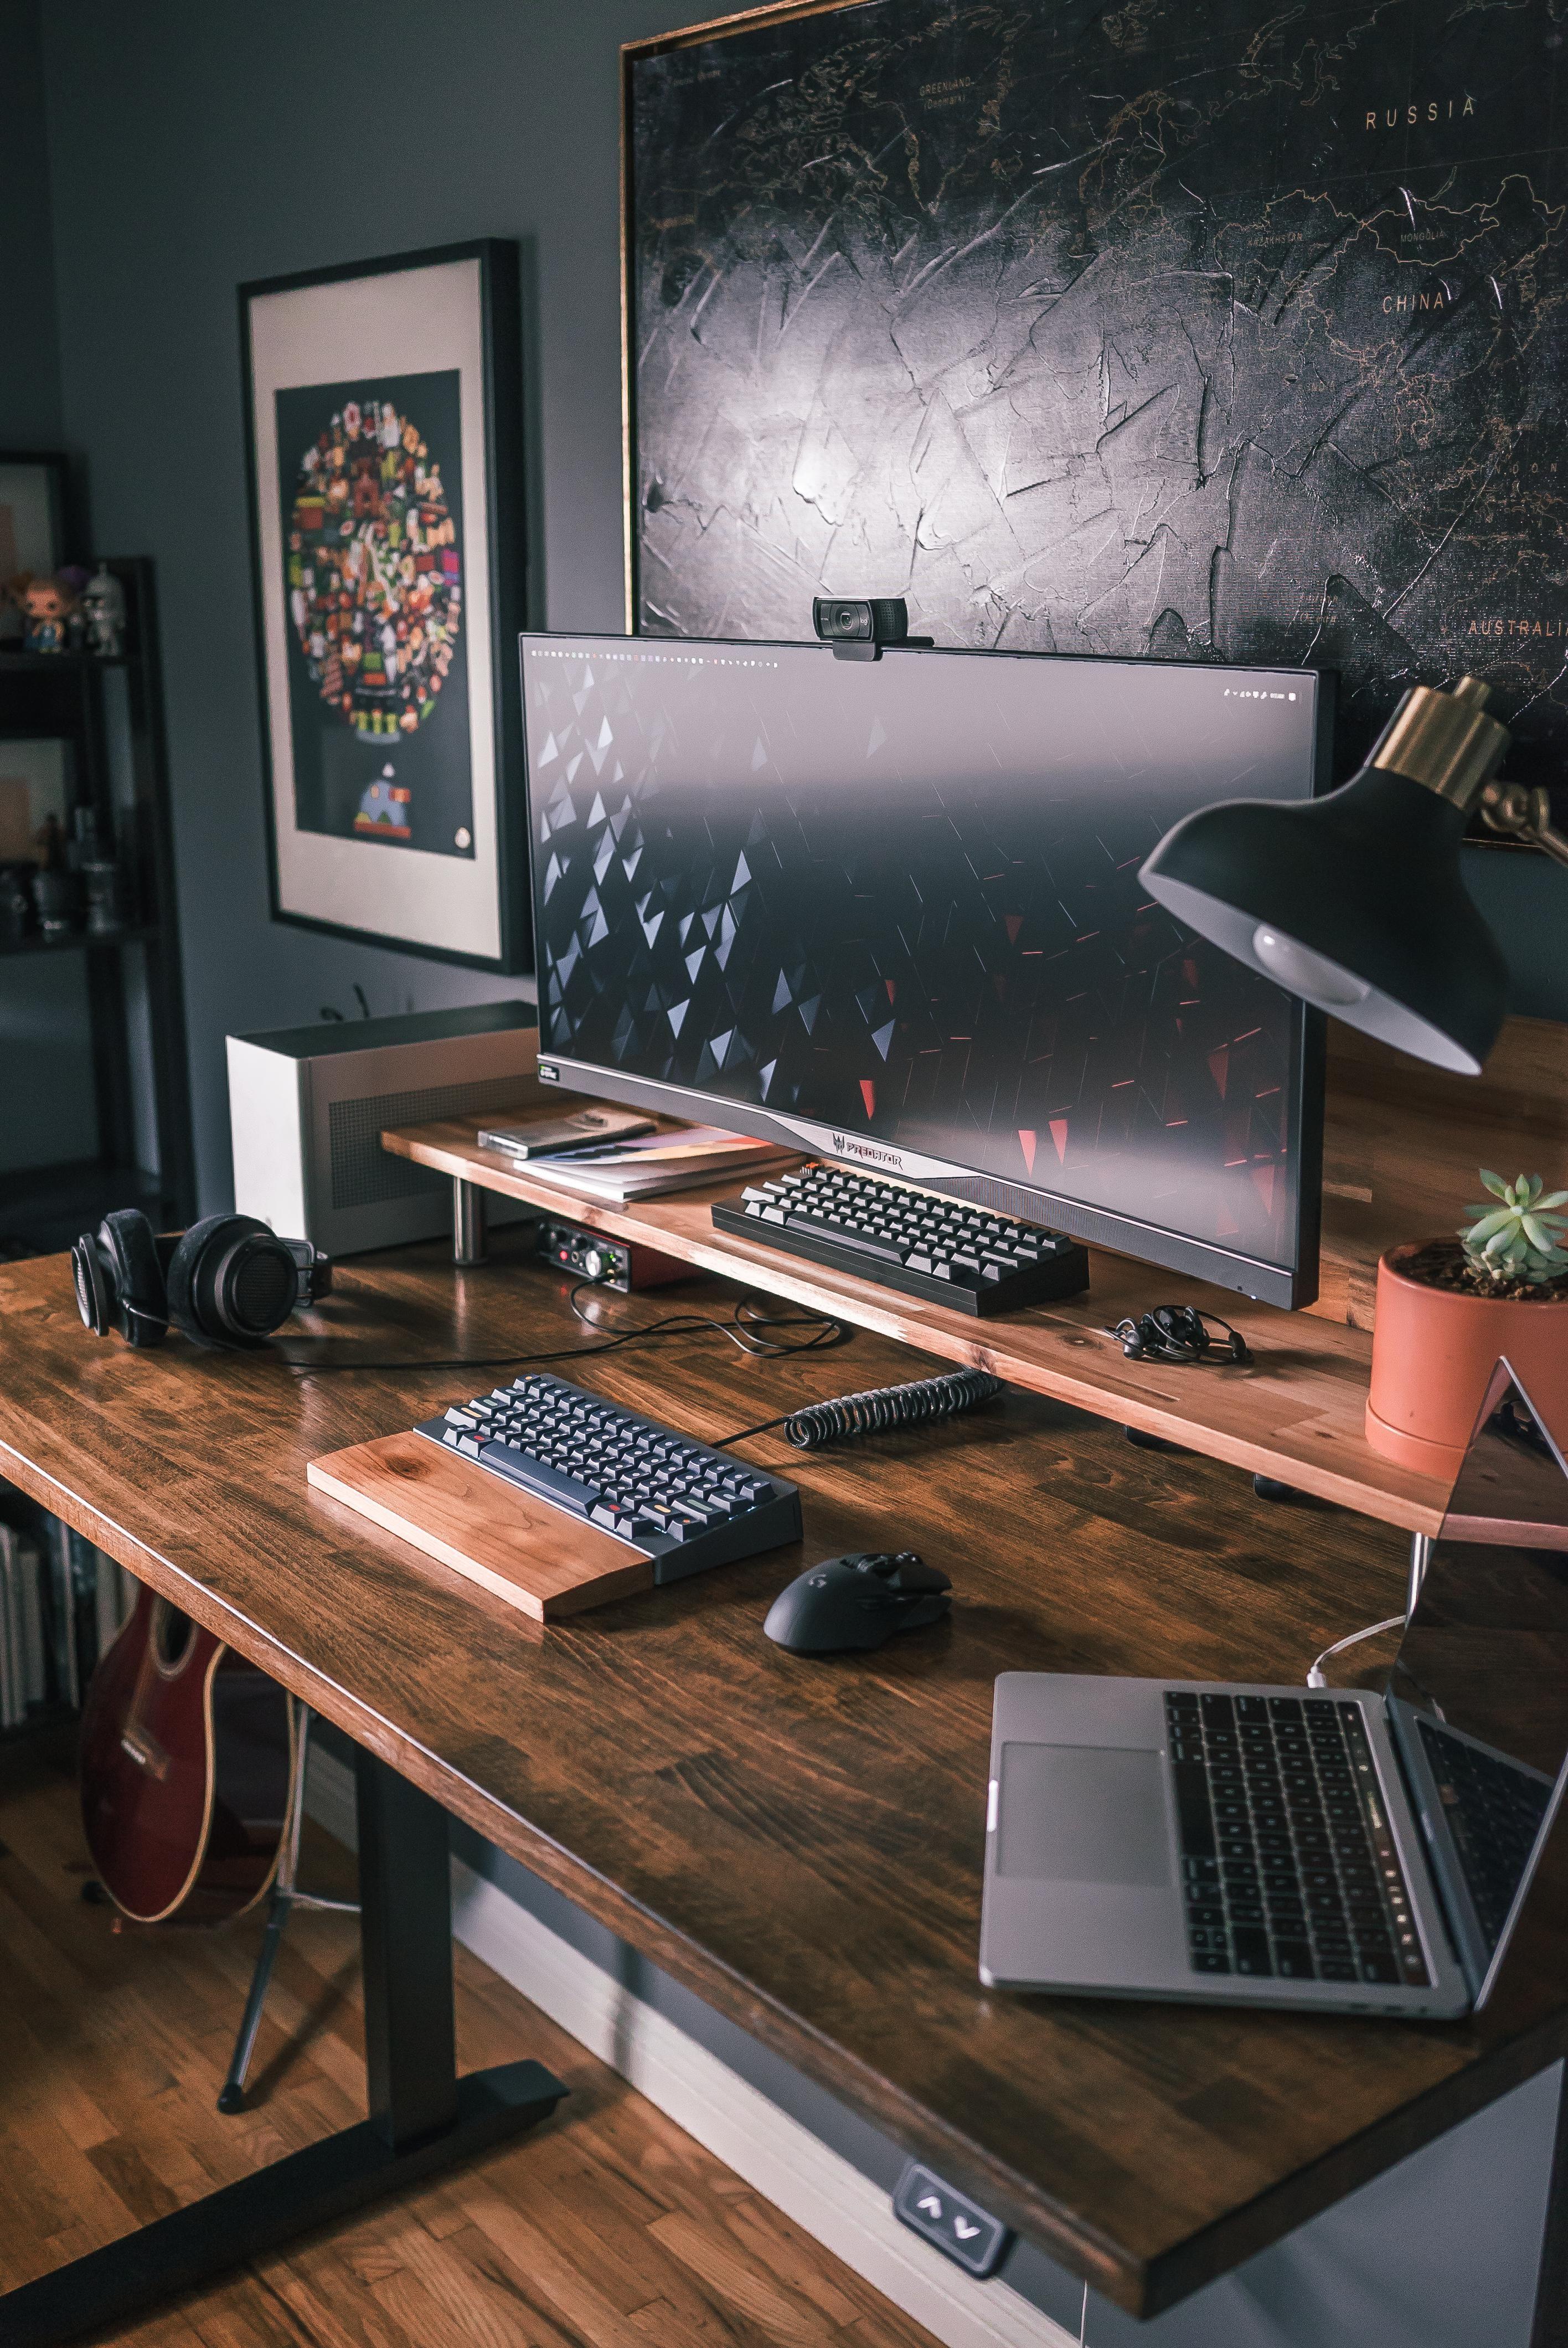 Desk setup inspo from Pinterest